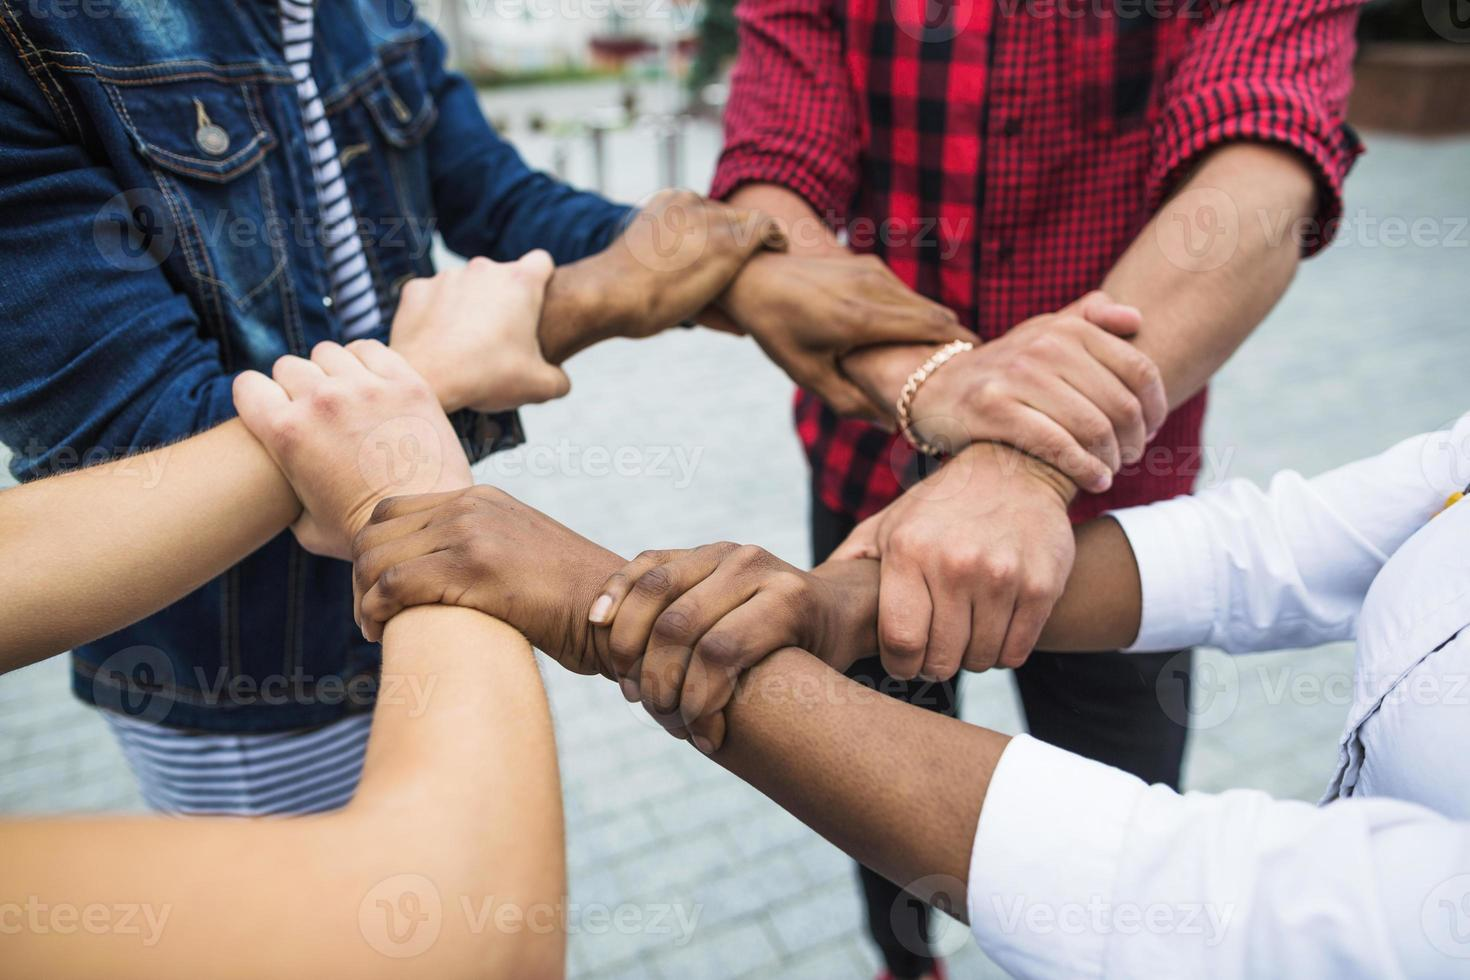 anonyma multiracial människor staplar händer foto